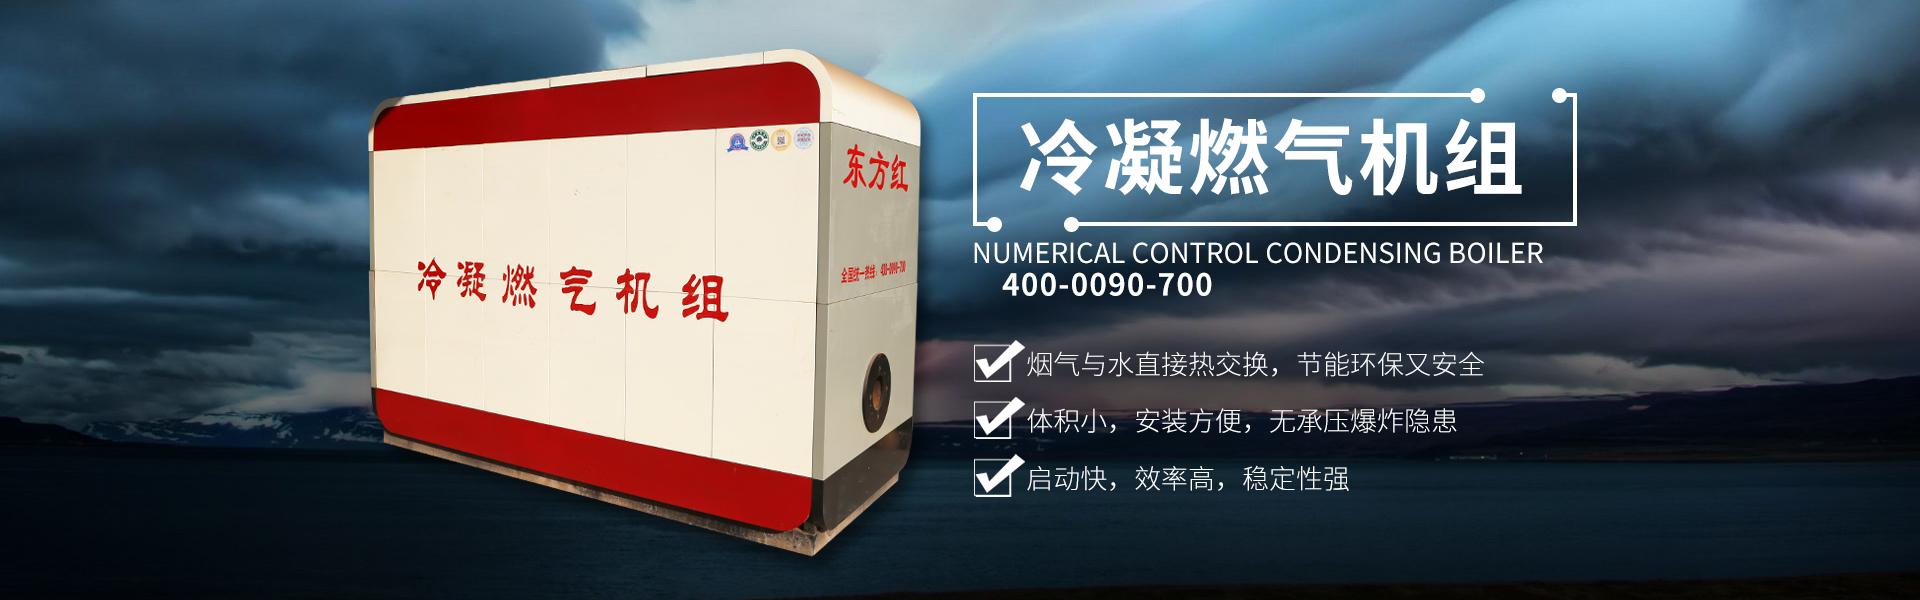 冷凝燃氣機組,生物質顆粒鍋爐,養殖種植鍋爐,多燃料鍋爐